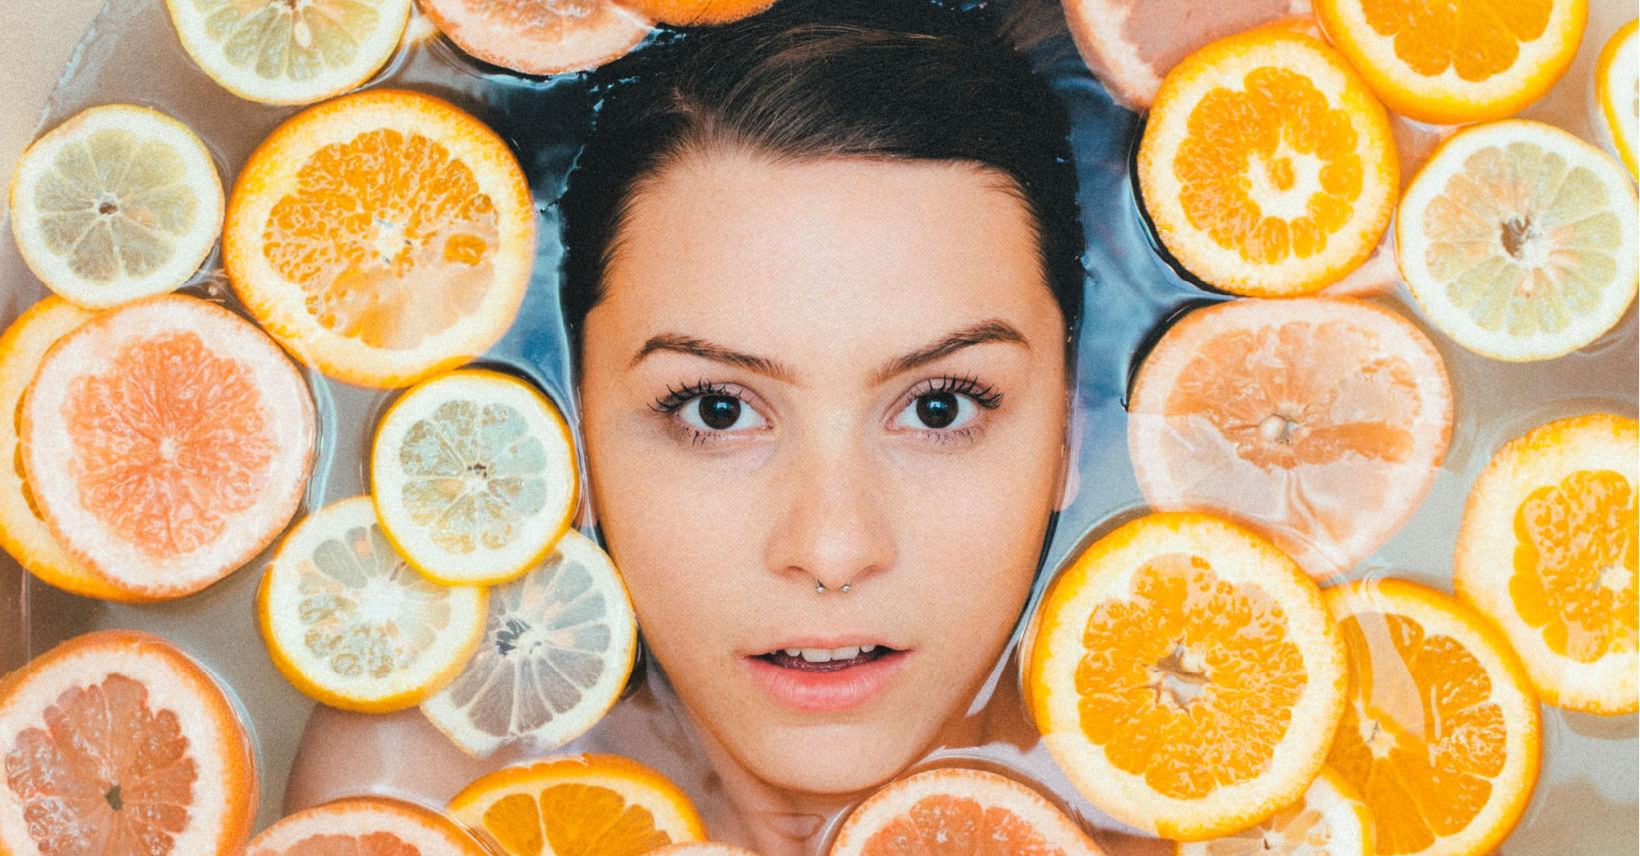 jeju-waterworld-citrus-spa